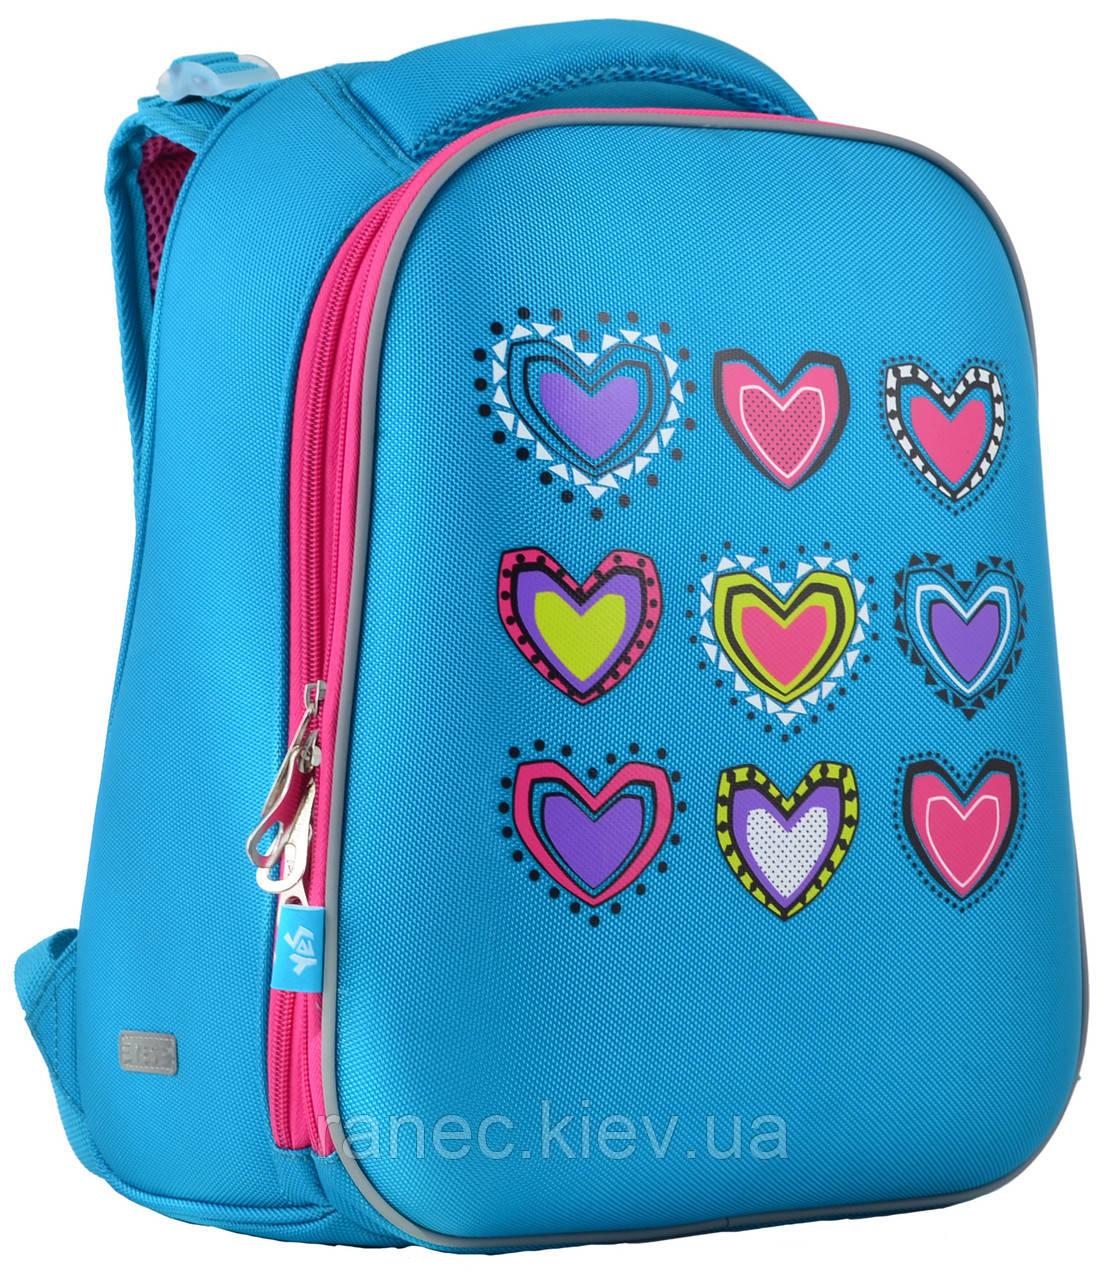 Ранец каркасный YES Н-12 Shelbу Hearts turquoise 554490